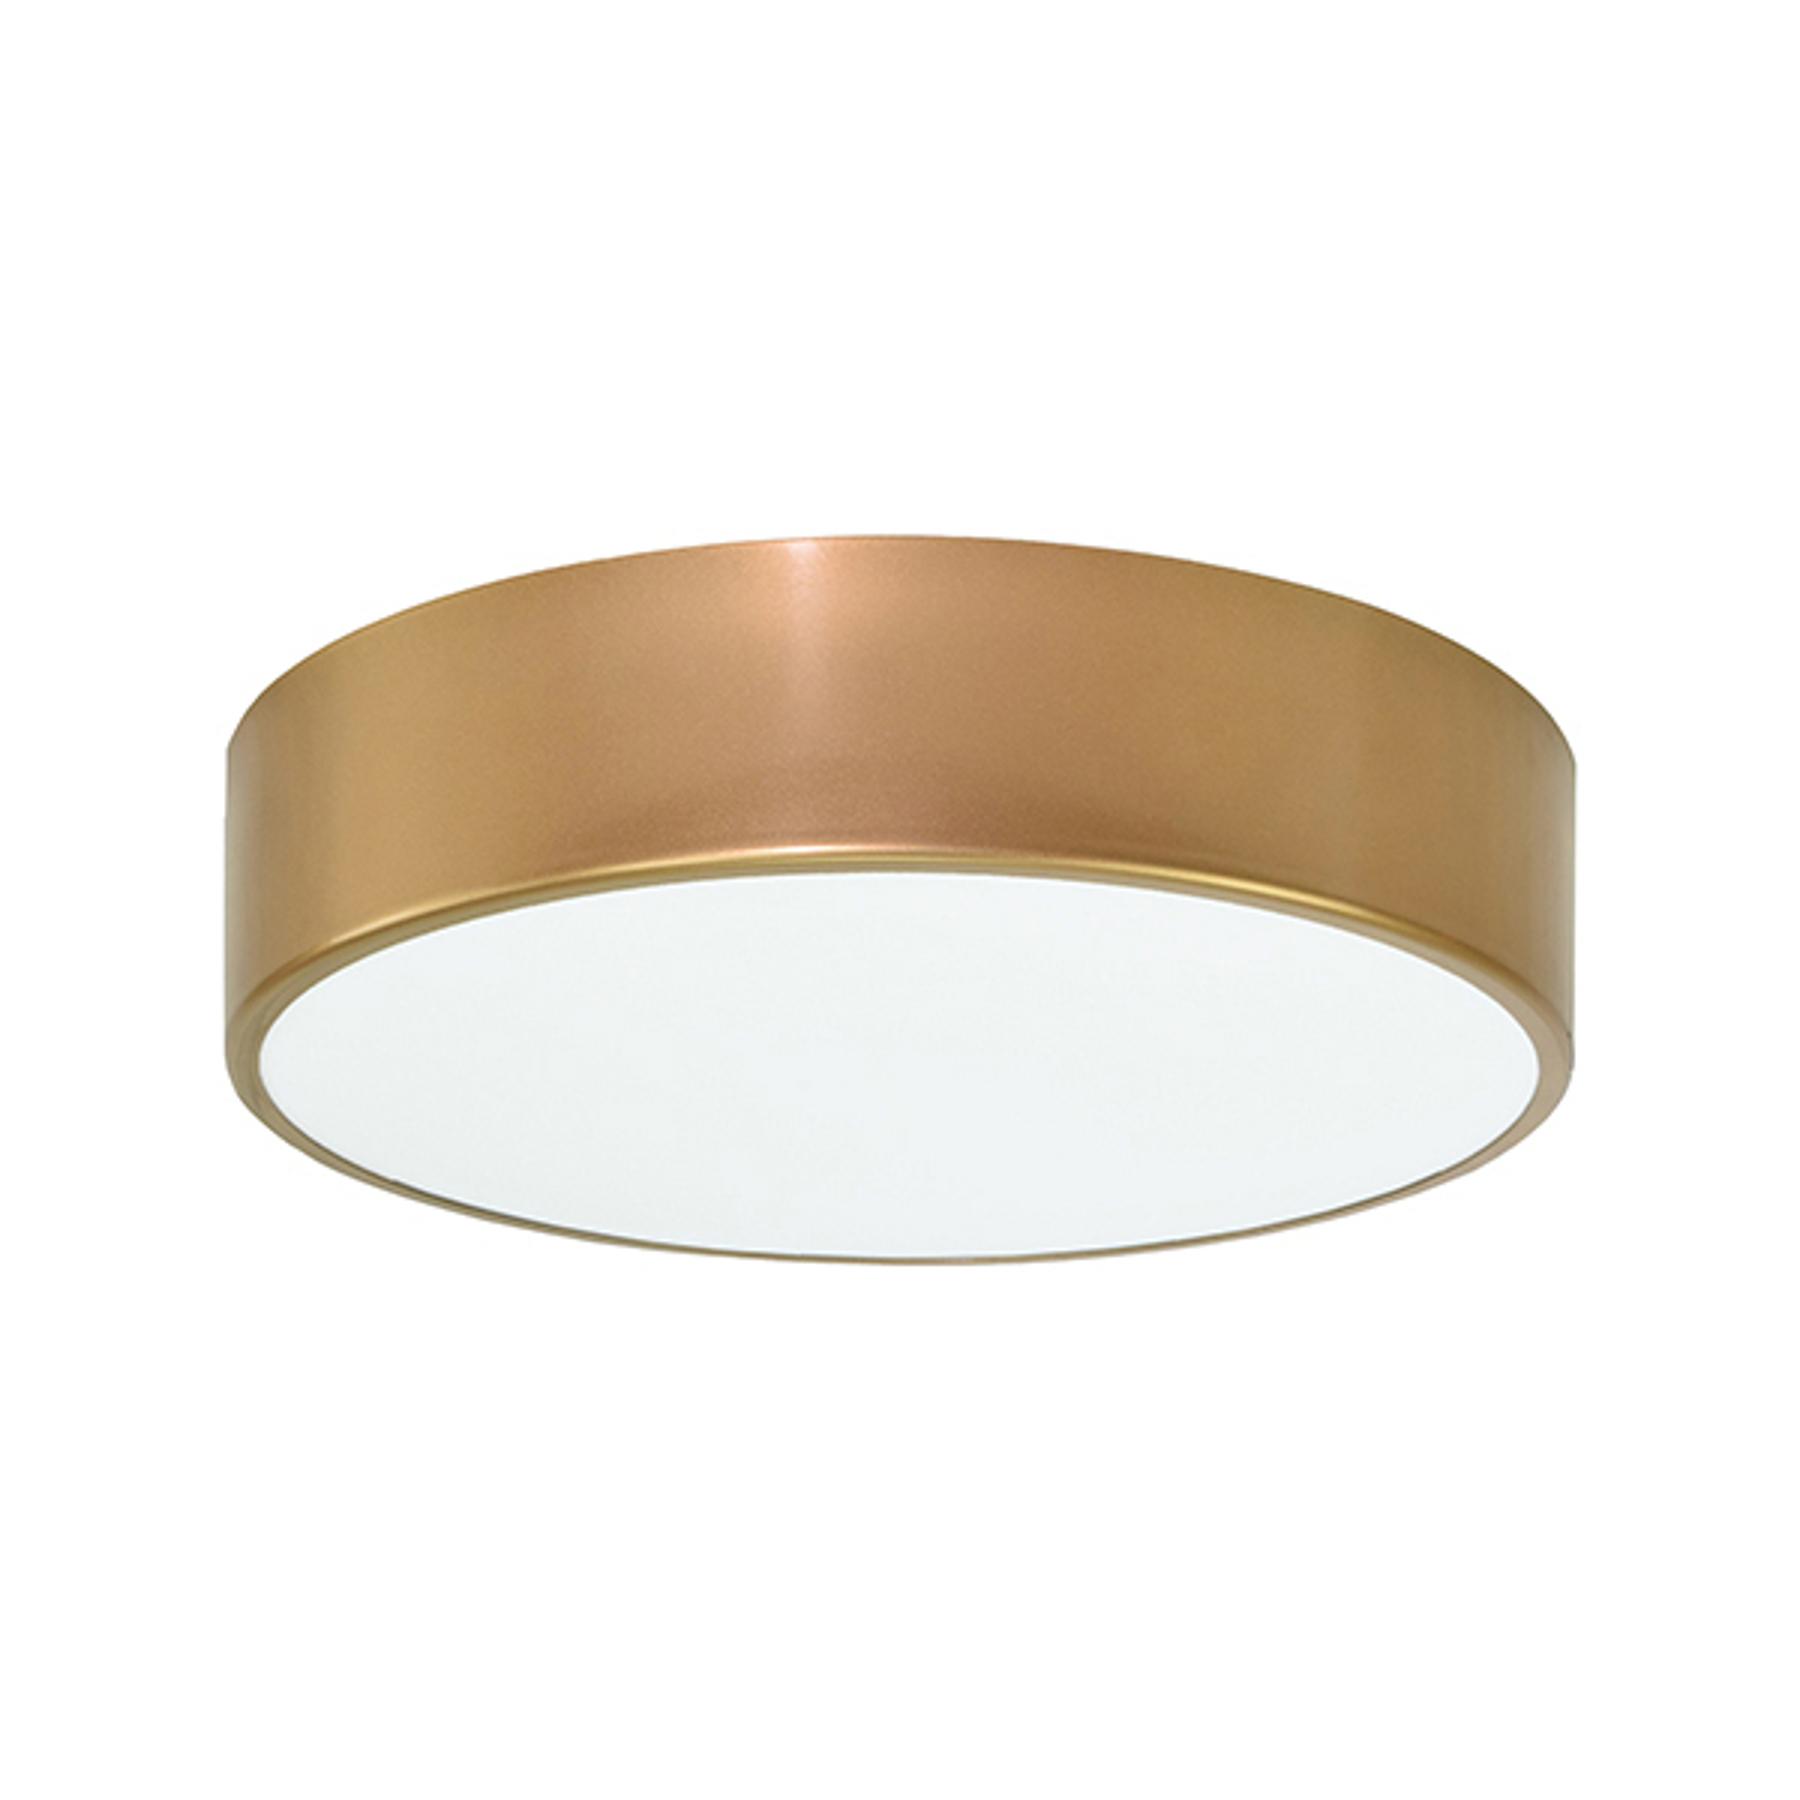 Lampa sufitowa Cleo, Ø 30 cm, złota